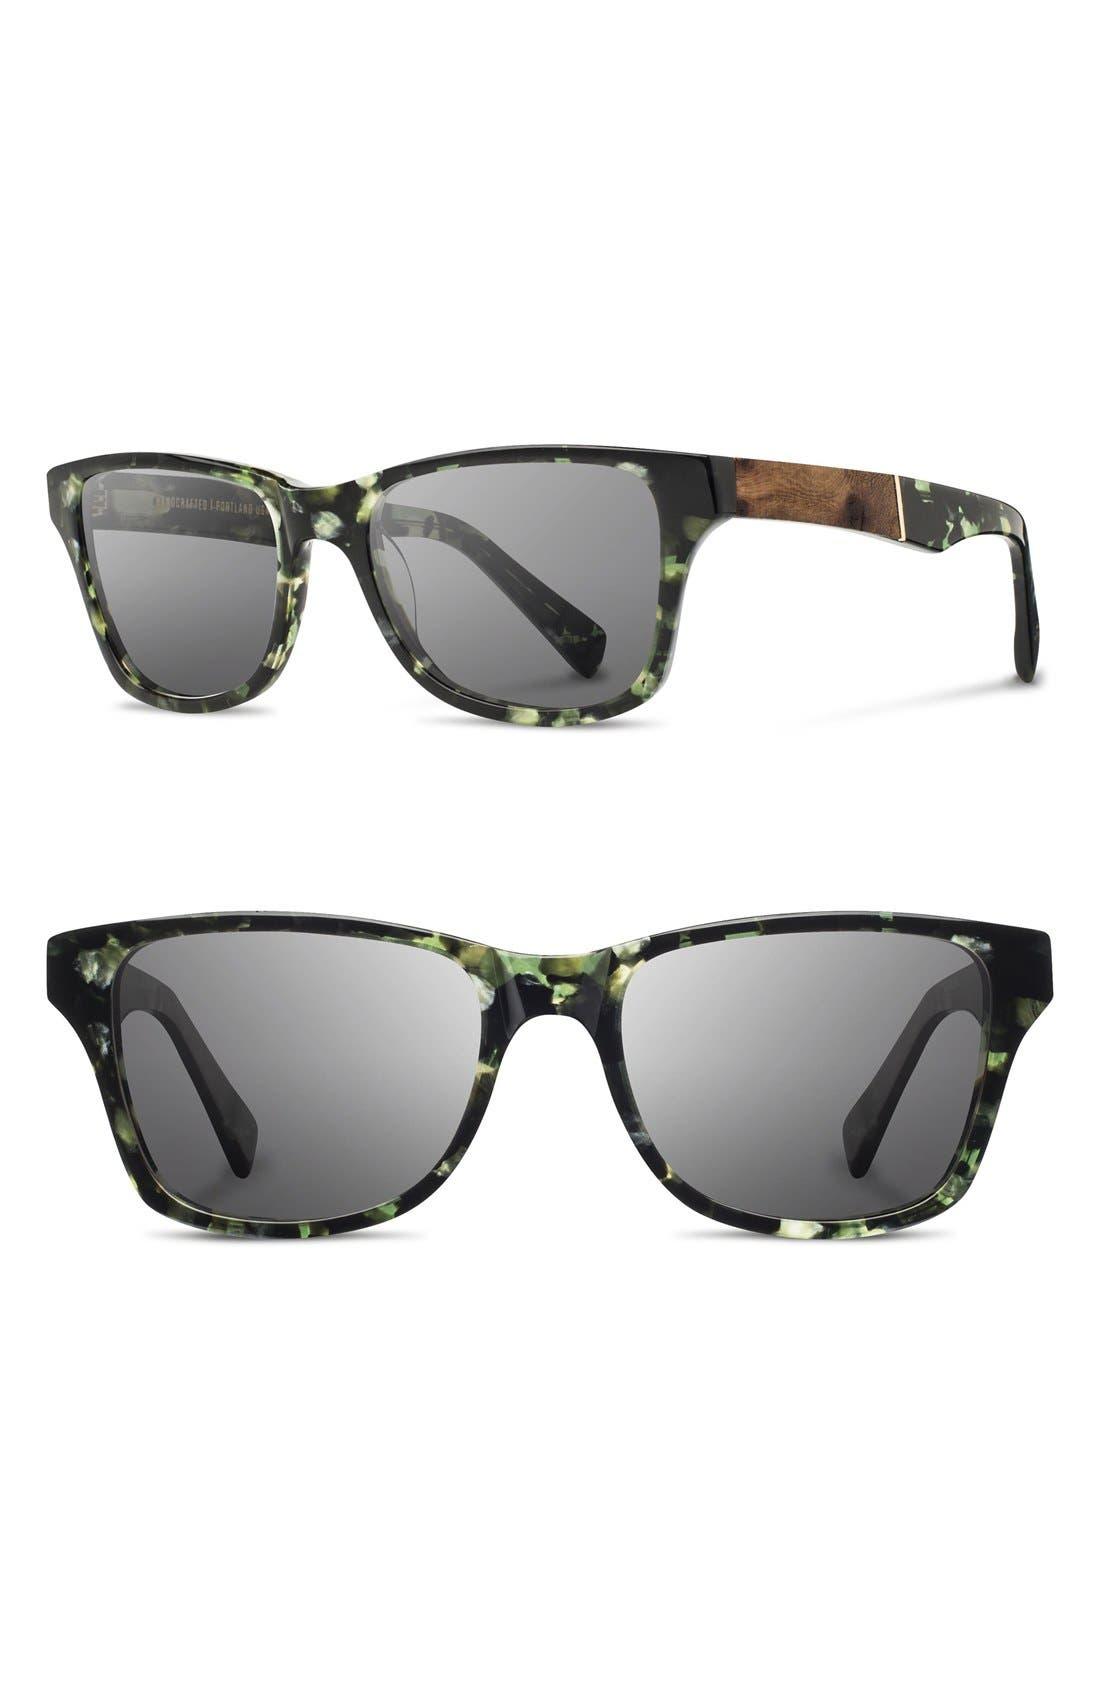 Alternate Image 1 Selected - Shwood Polarized Wood Inlay Sunglasses